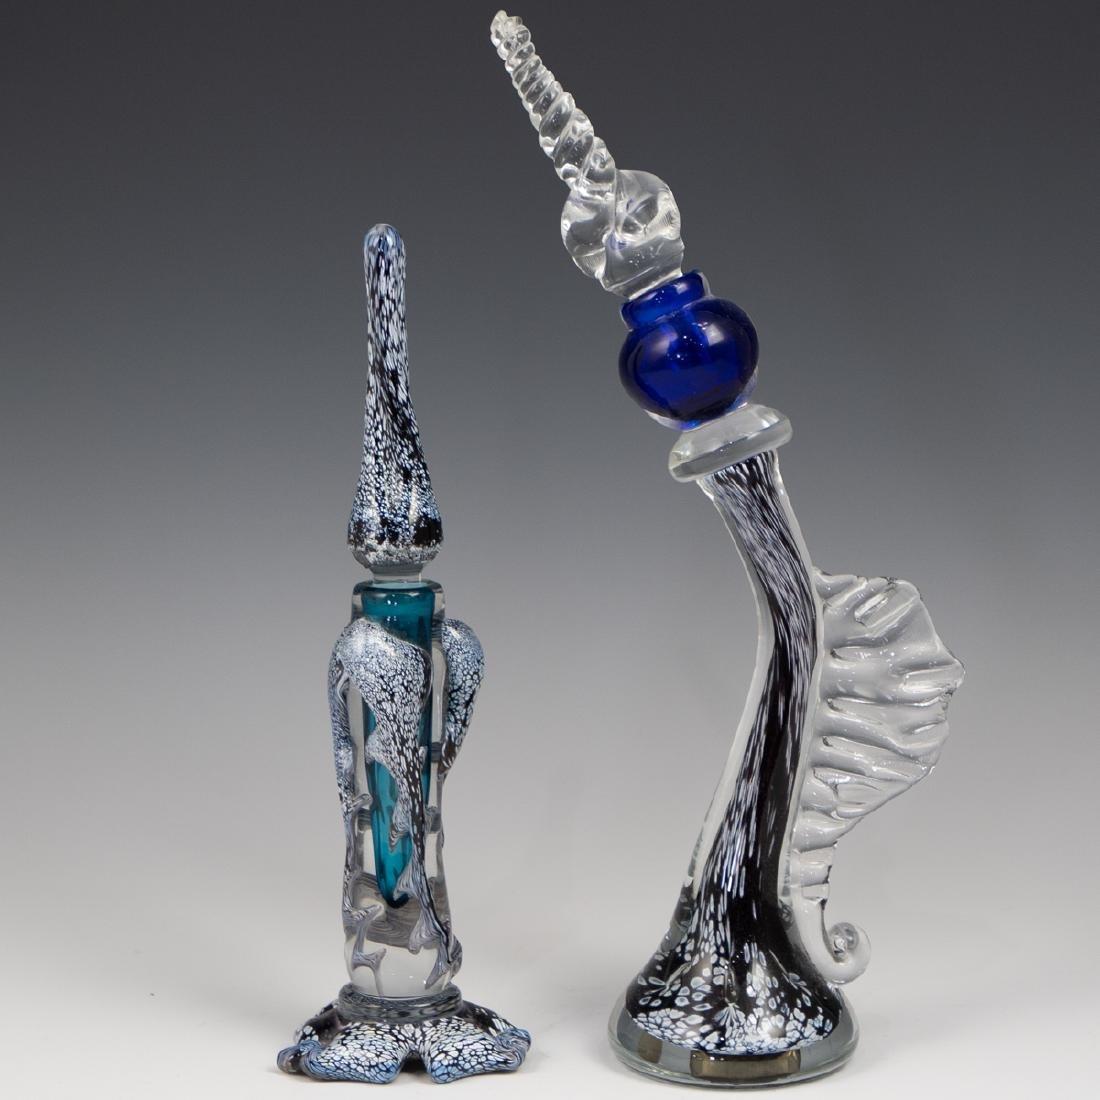 (2 Pc) Murano Glass Perfume Bottles